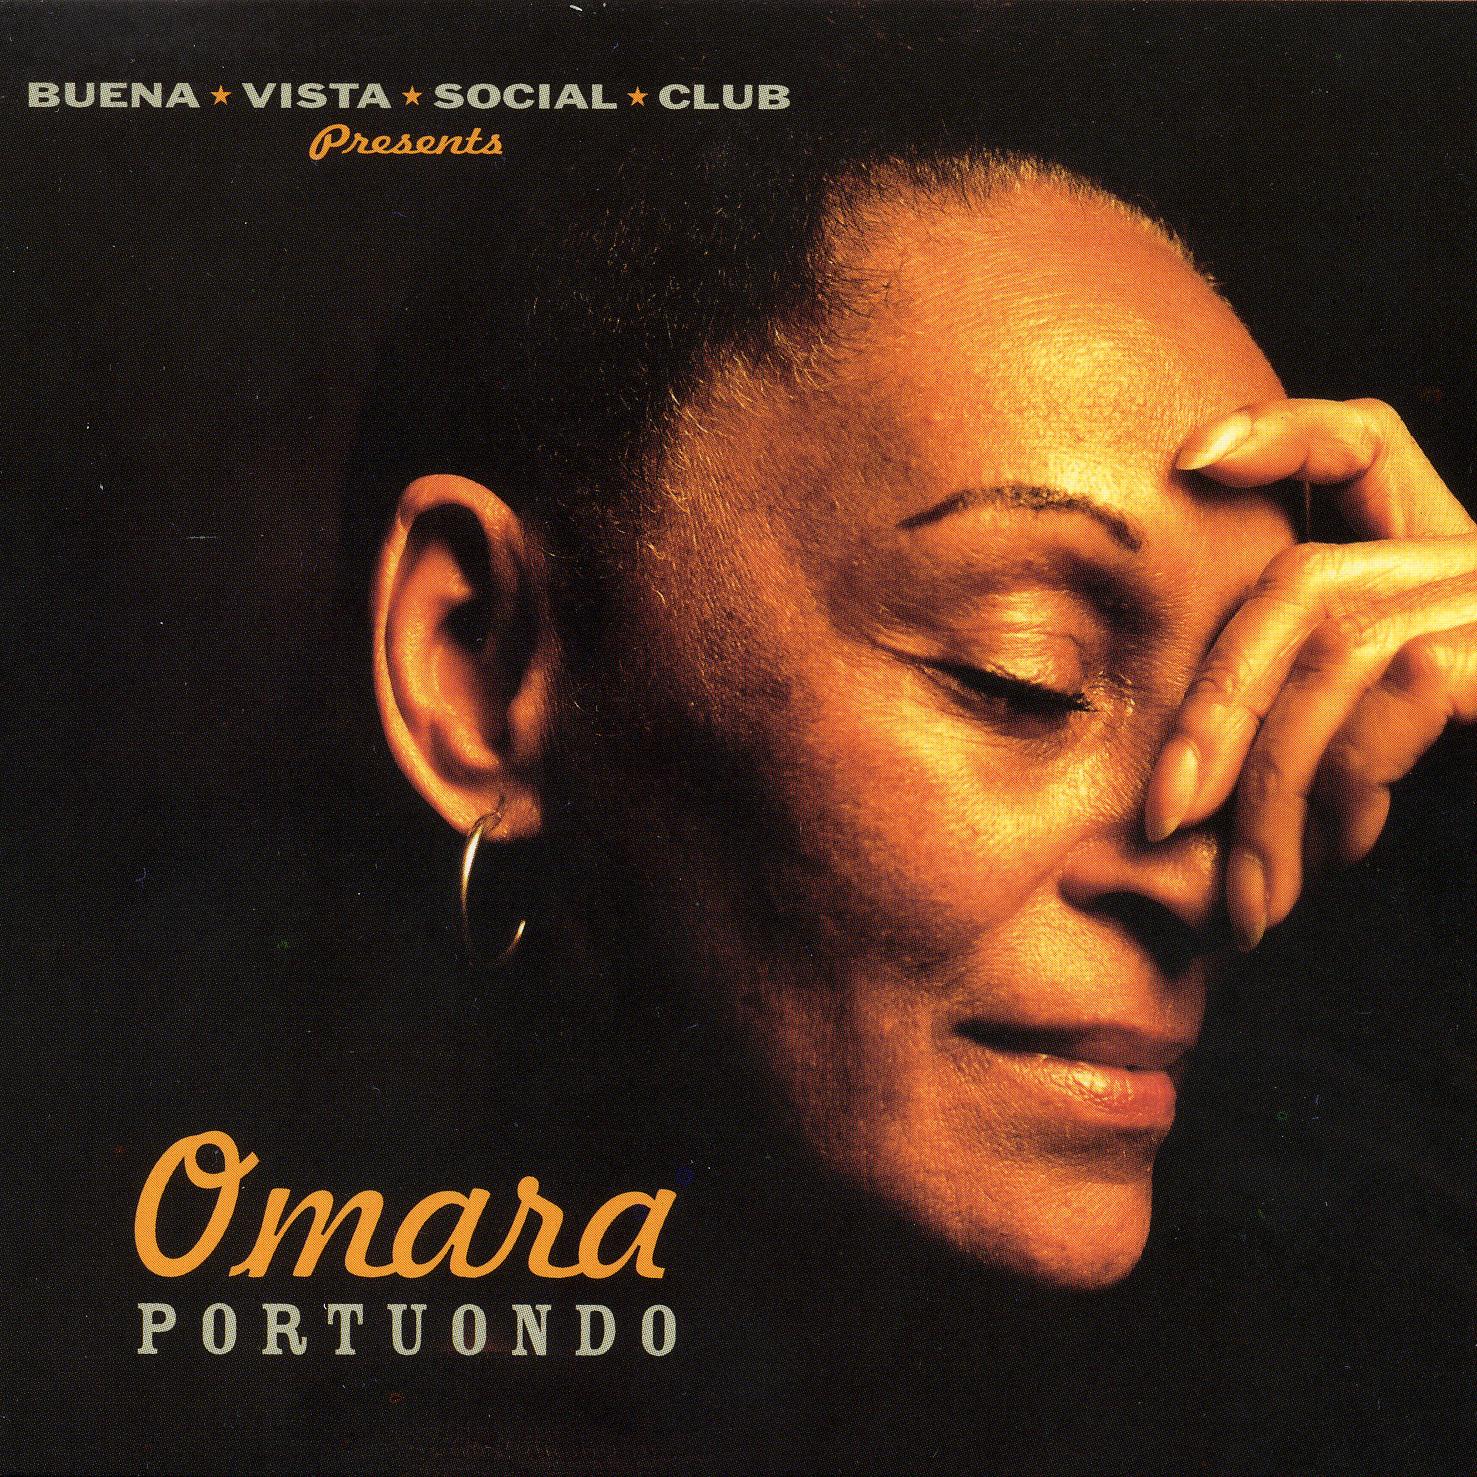 BVSC presents Omara Portuondo